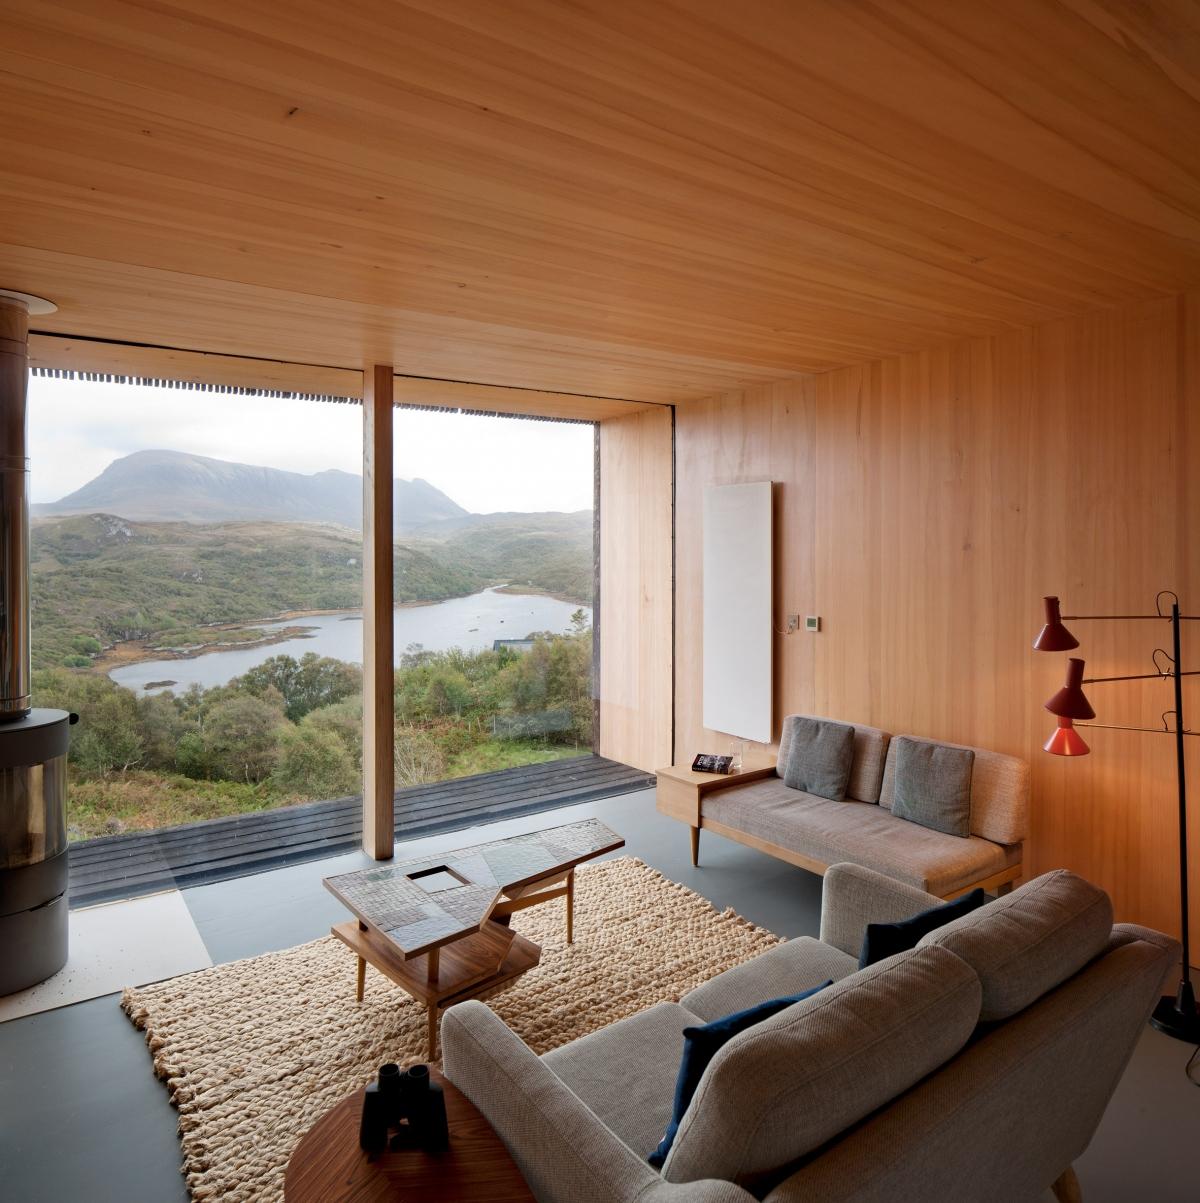 Lớp gỗ tối màu có rãnh được sử dụng cho hành lang, trong khi màu gỗ nhạt hơn dùng cho phòng ngủ và phòng khách. Nội thất đều theo tông xám, trầm, song tường ốp gỗ sáng mang lại cảm giác ấm áp.